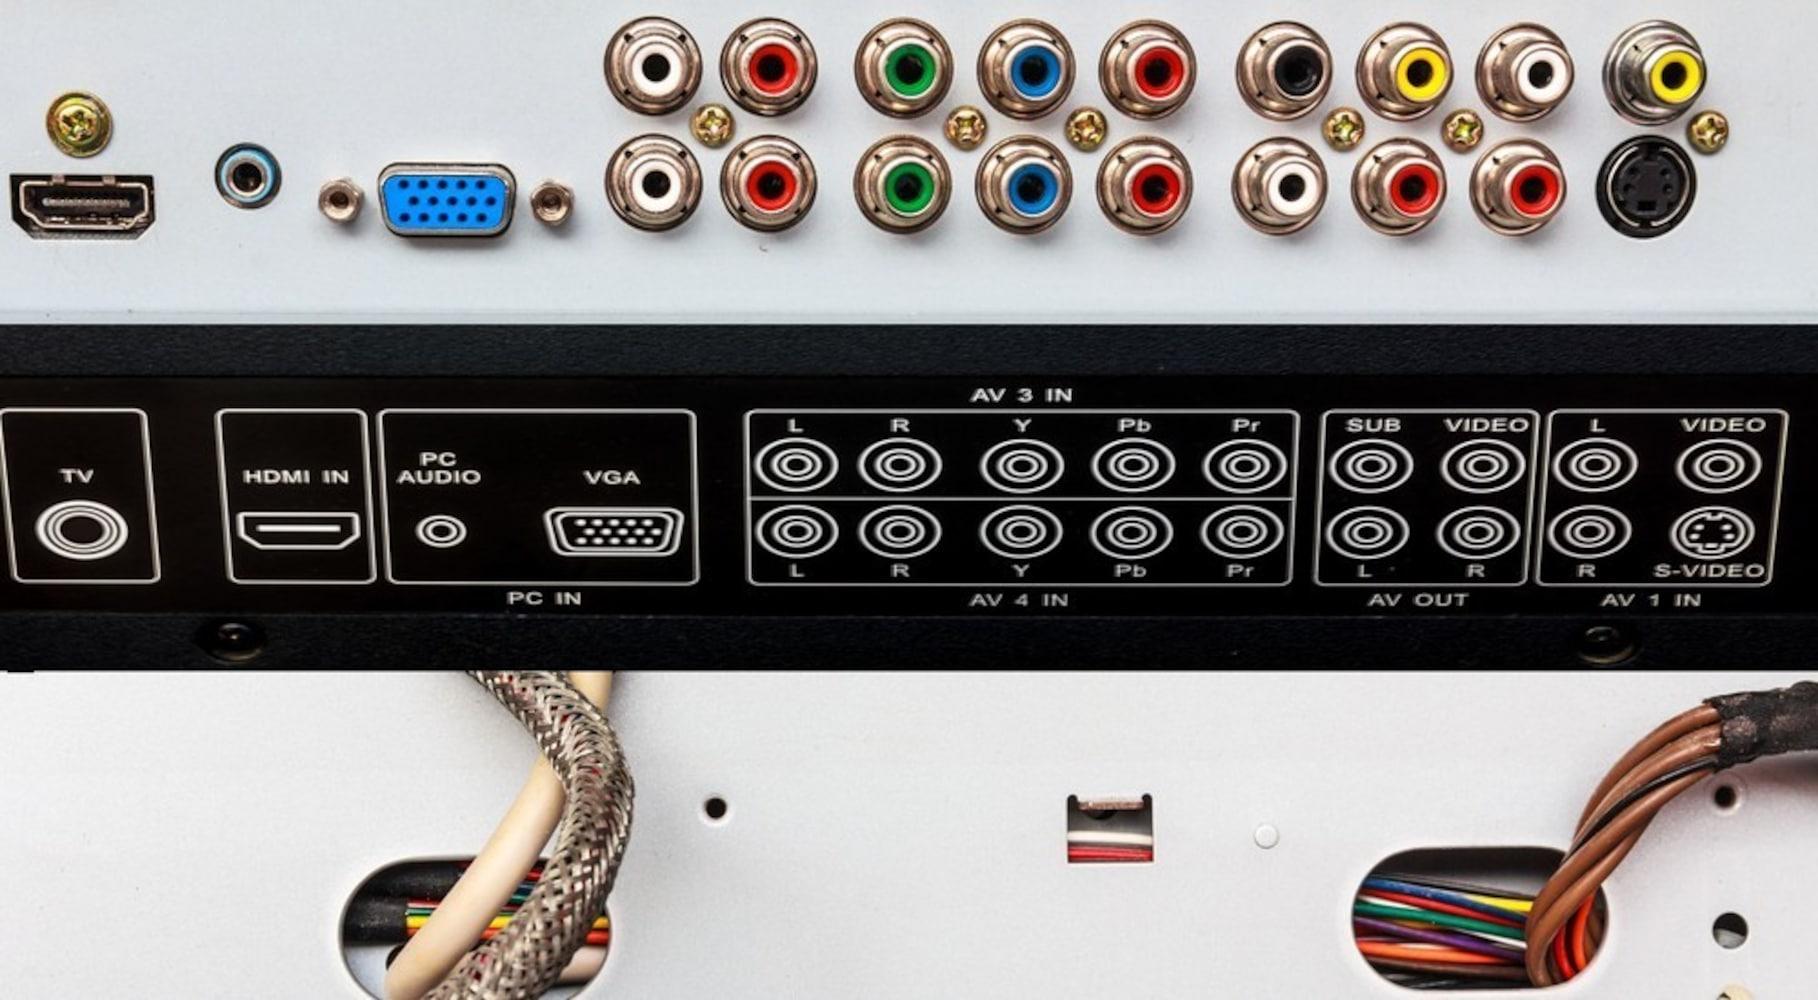 接続端子|HDMIが一般的